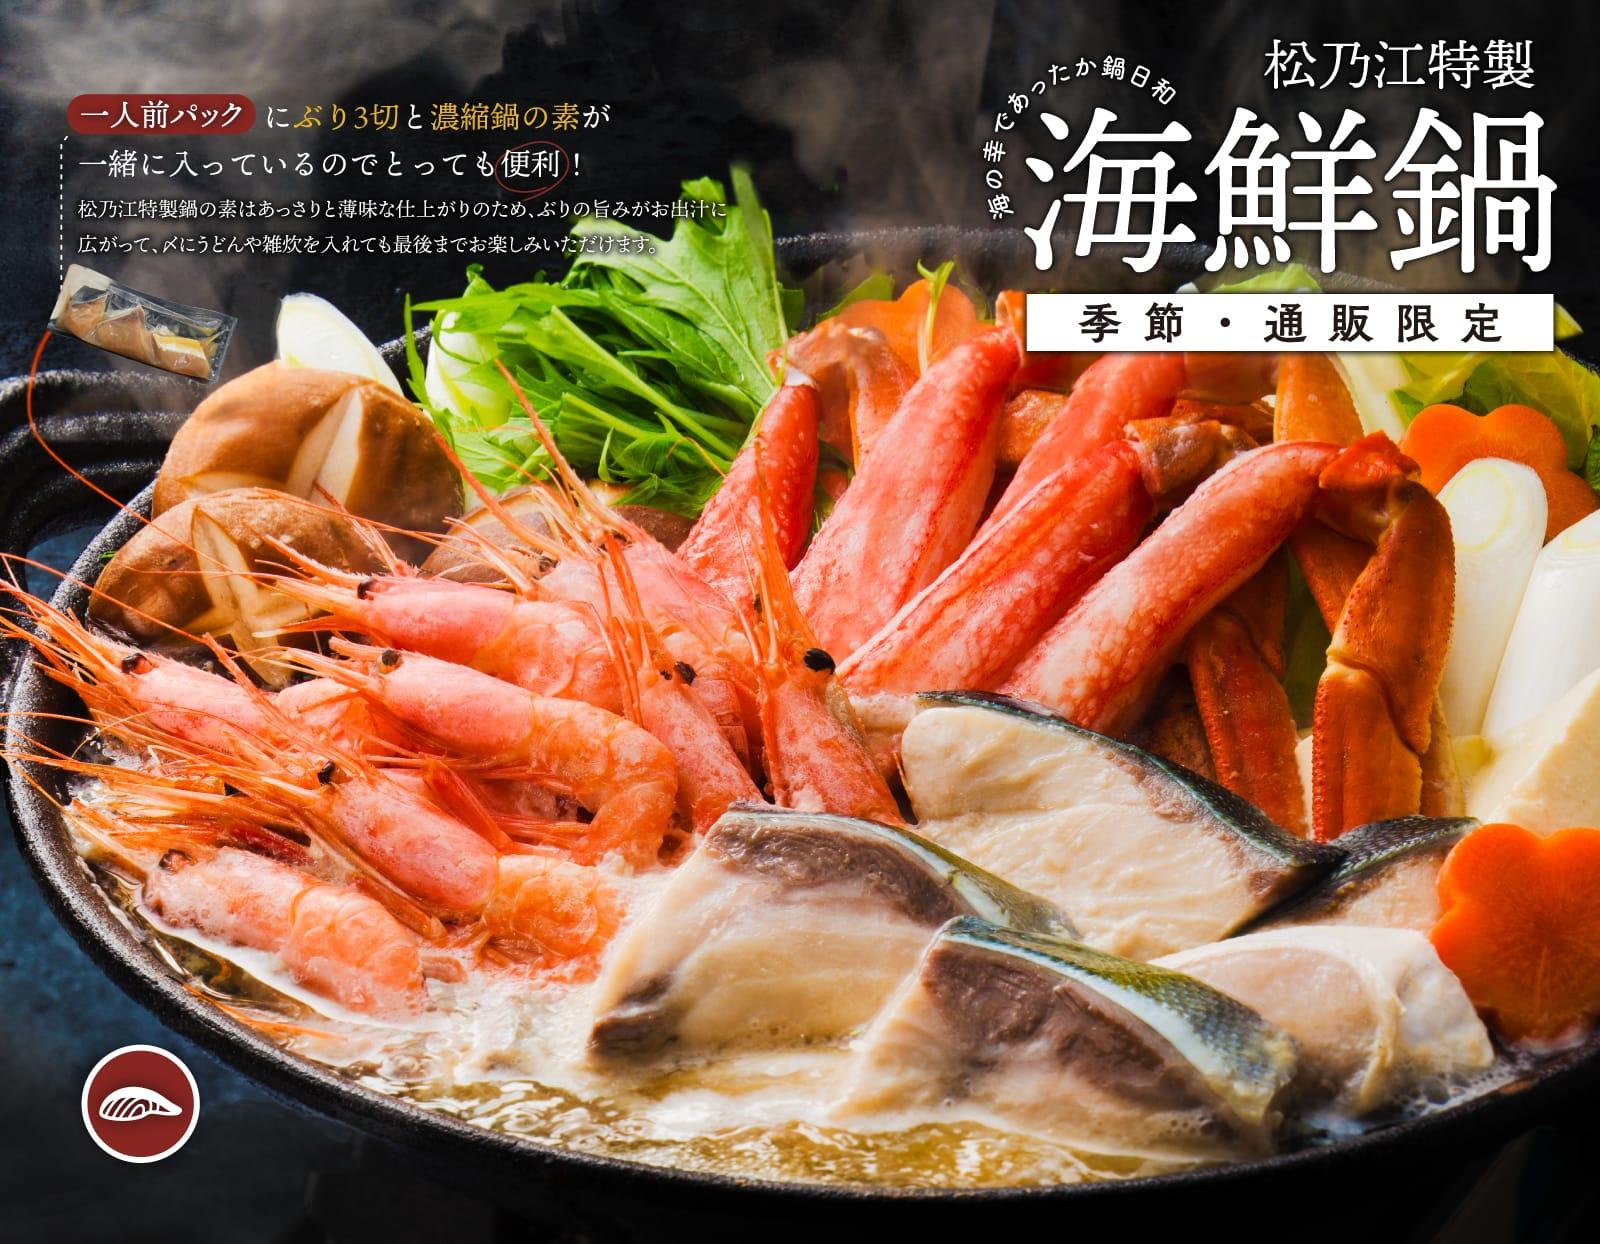 松乃江オリジナル出汁鍋の素(ぶり切り身3切入) 個食パック 1人前パック×2回分